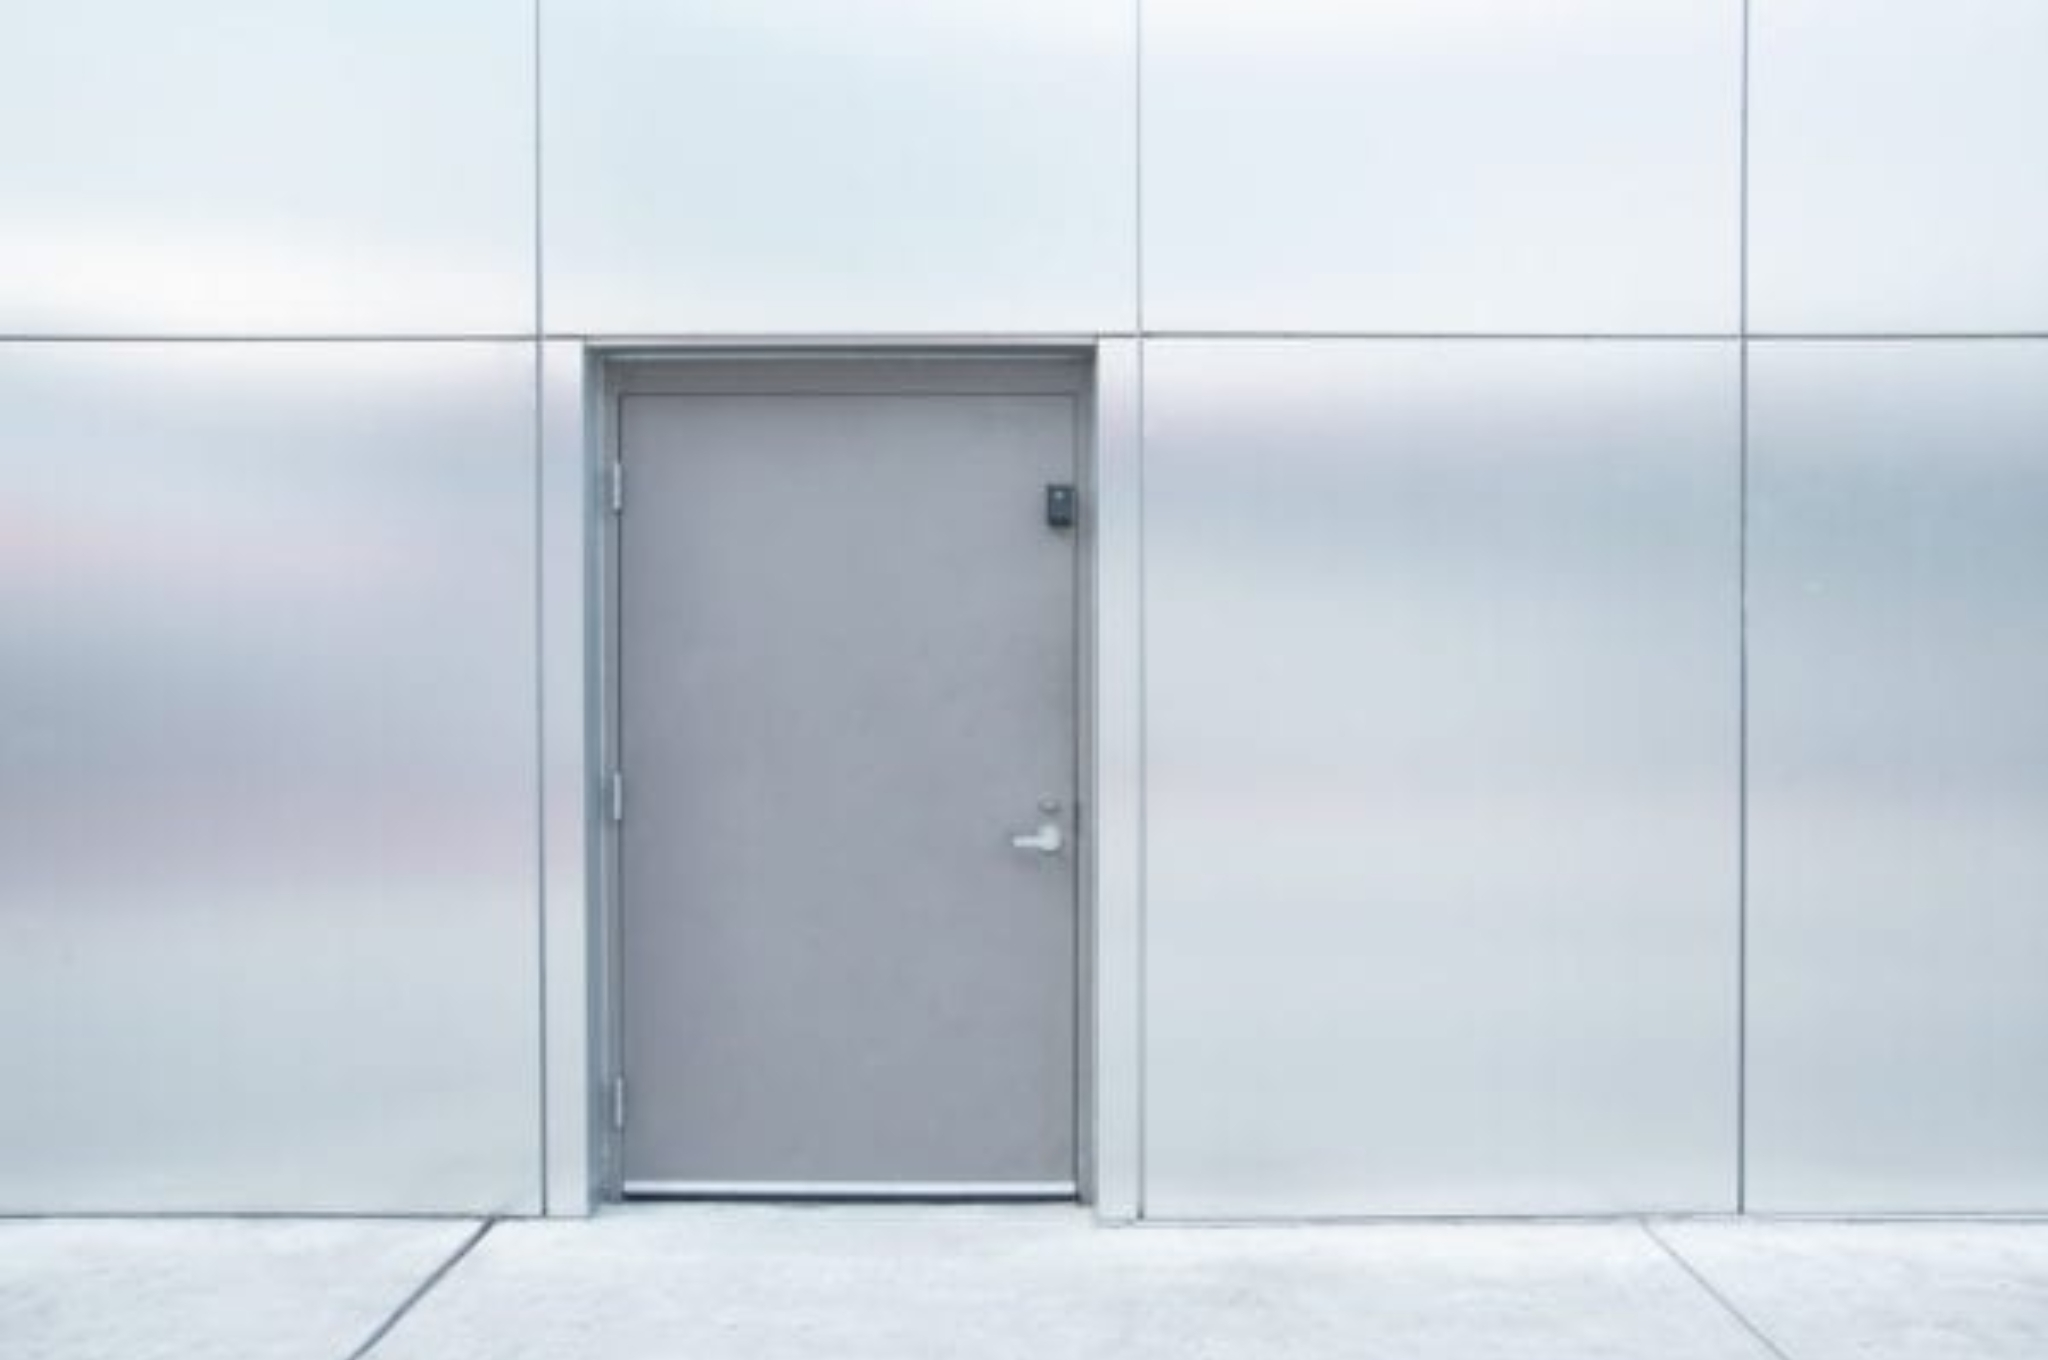 Personal Access Door installation